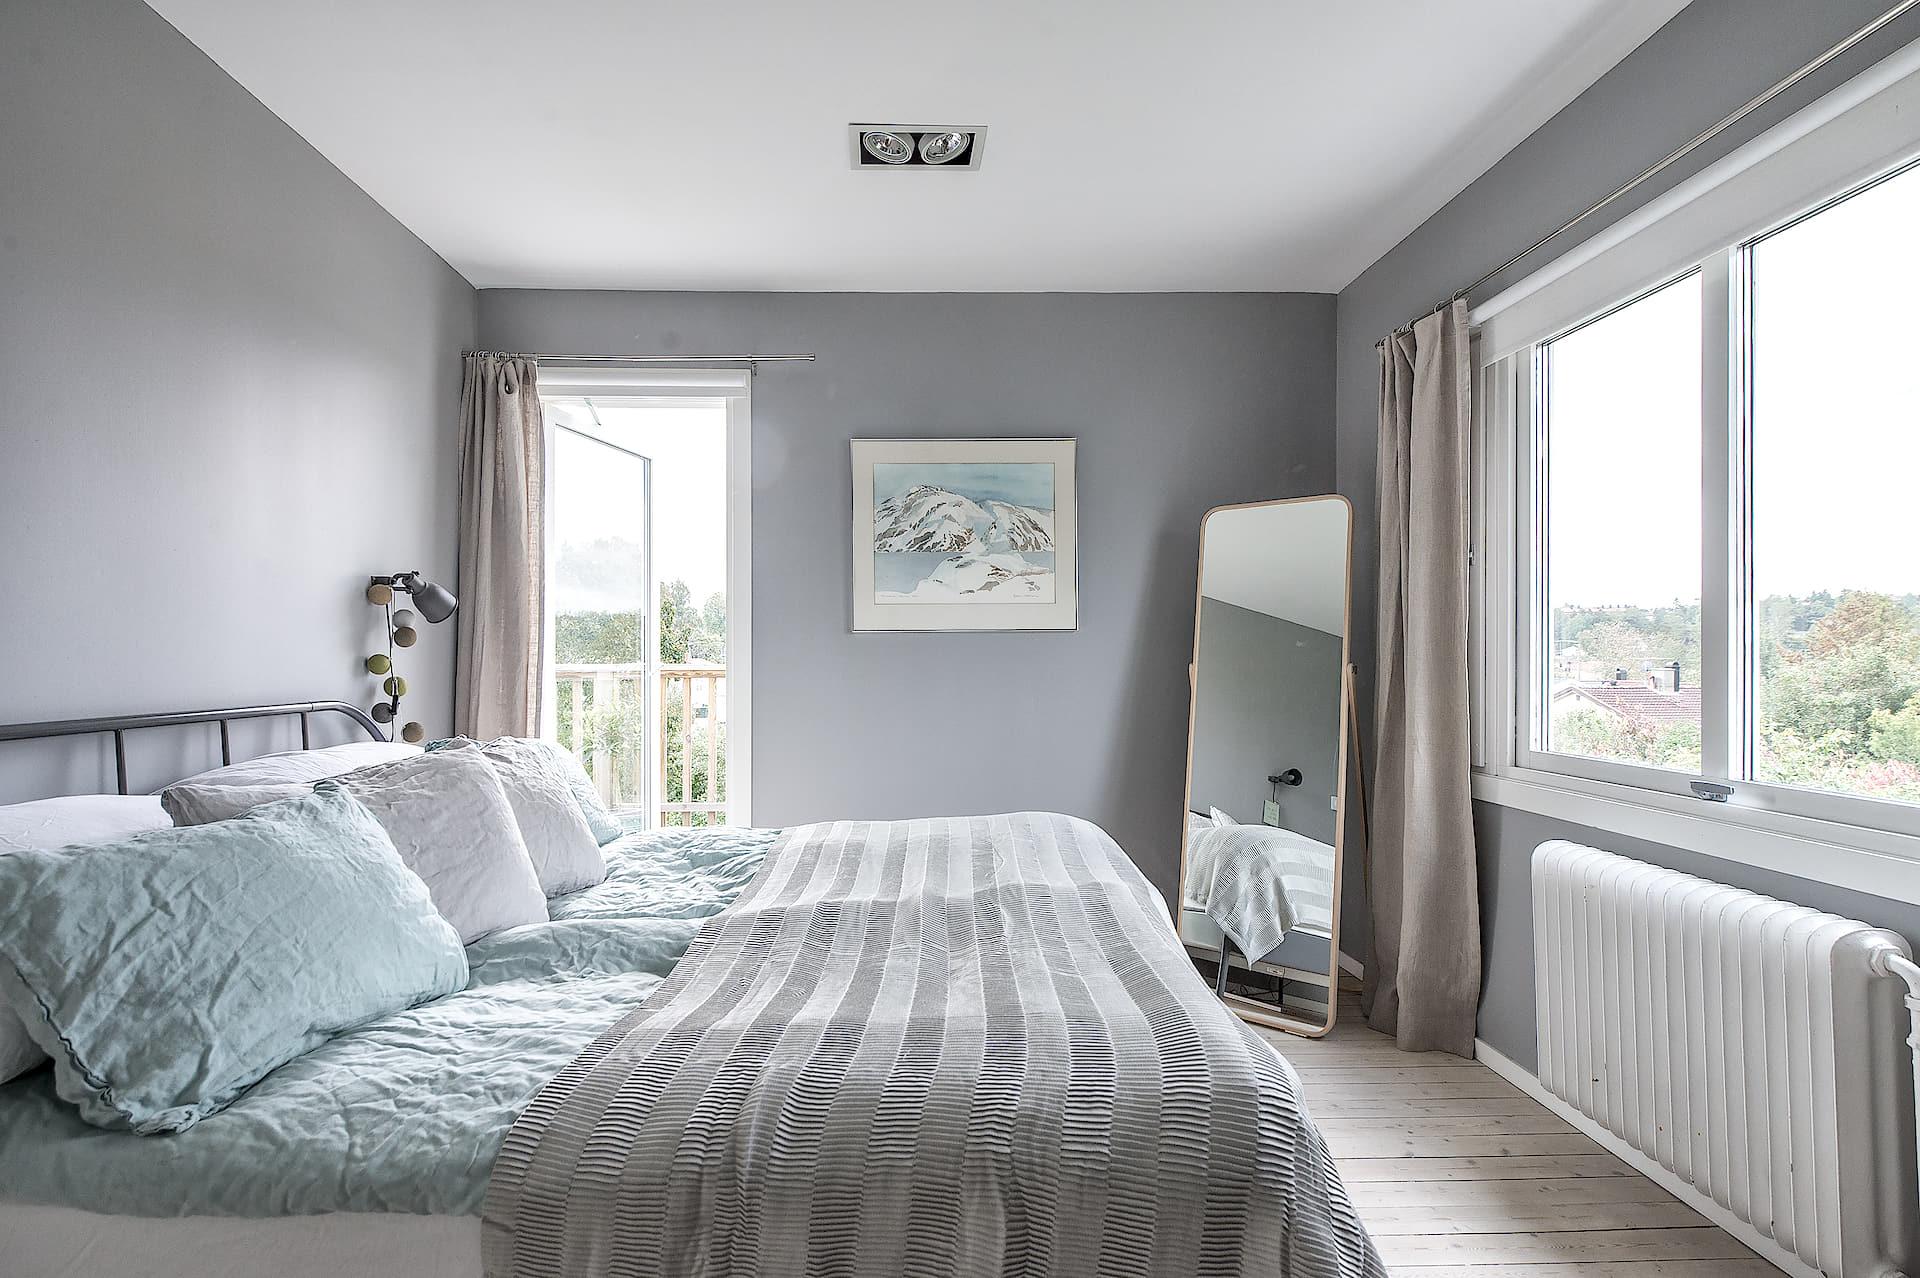 спальня серые стены кровать текстиль подушки окно напольное зеркало дверь на балкон